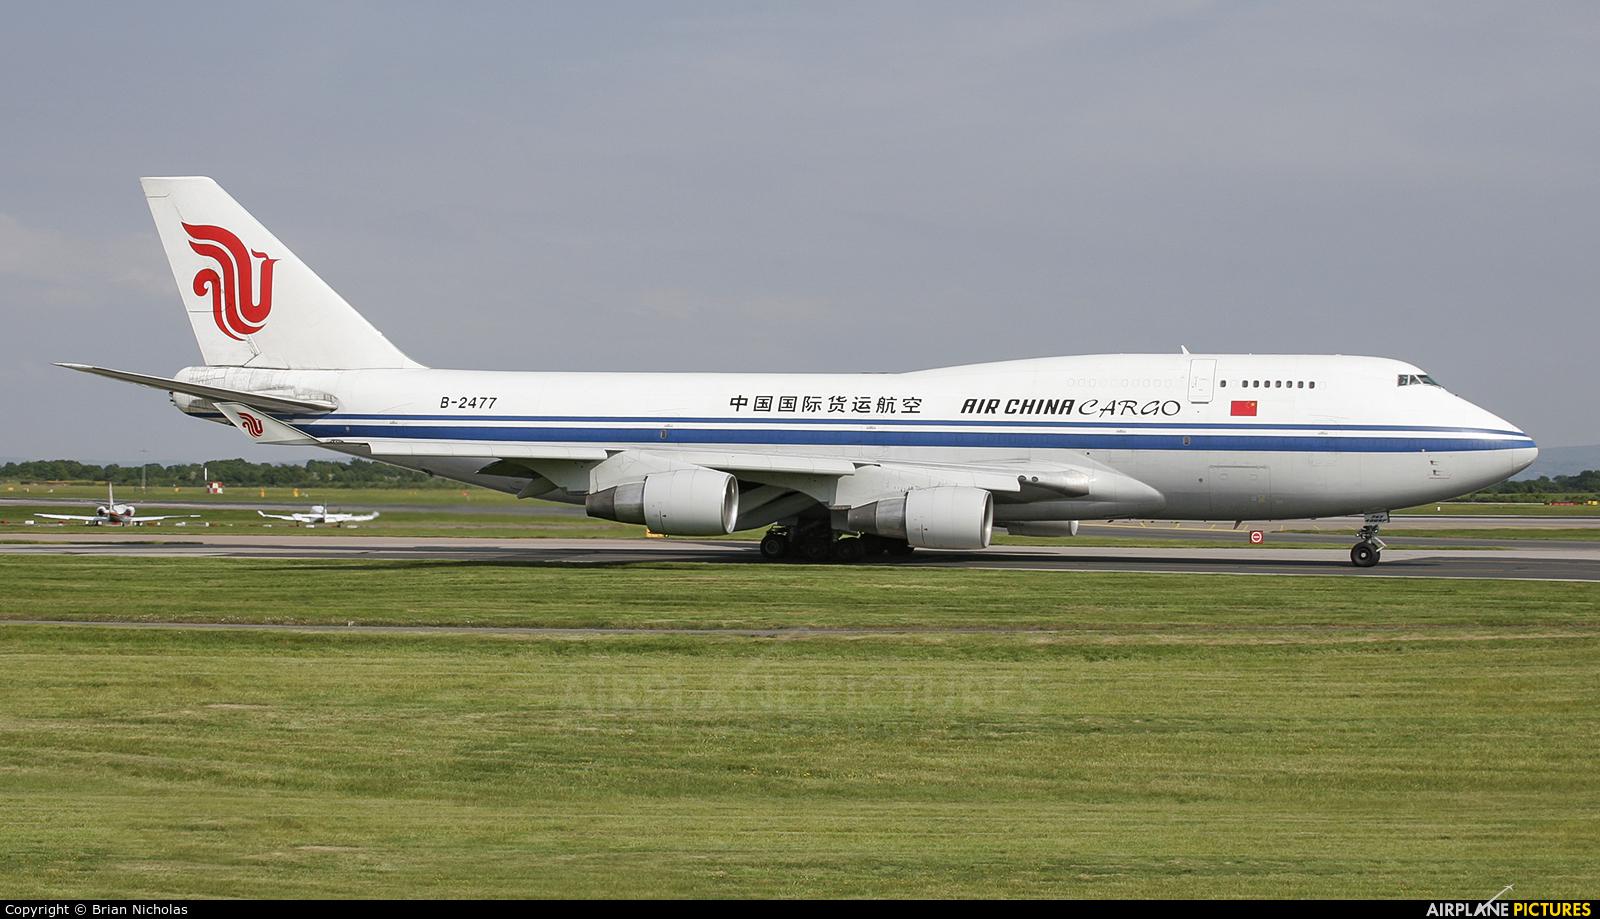 Air China Cargo B-2477 aircraft at Manchester